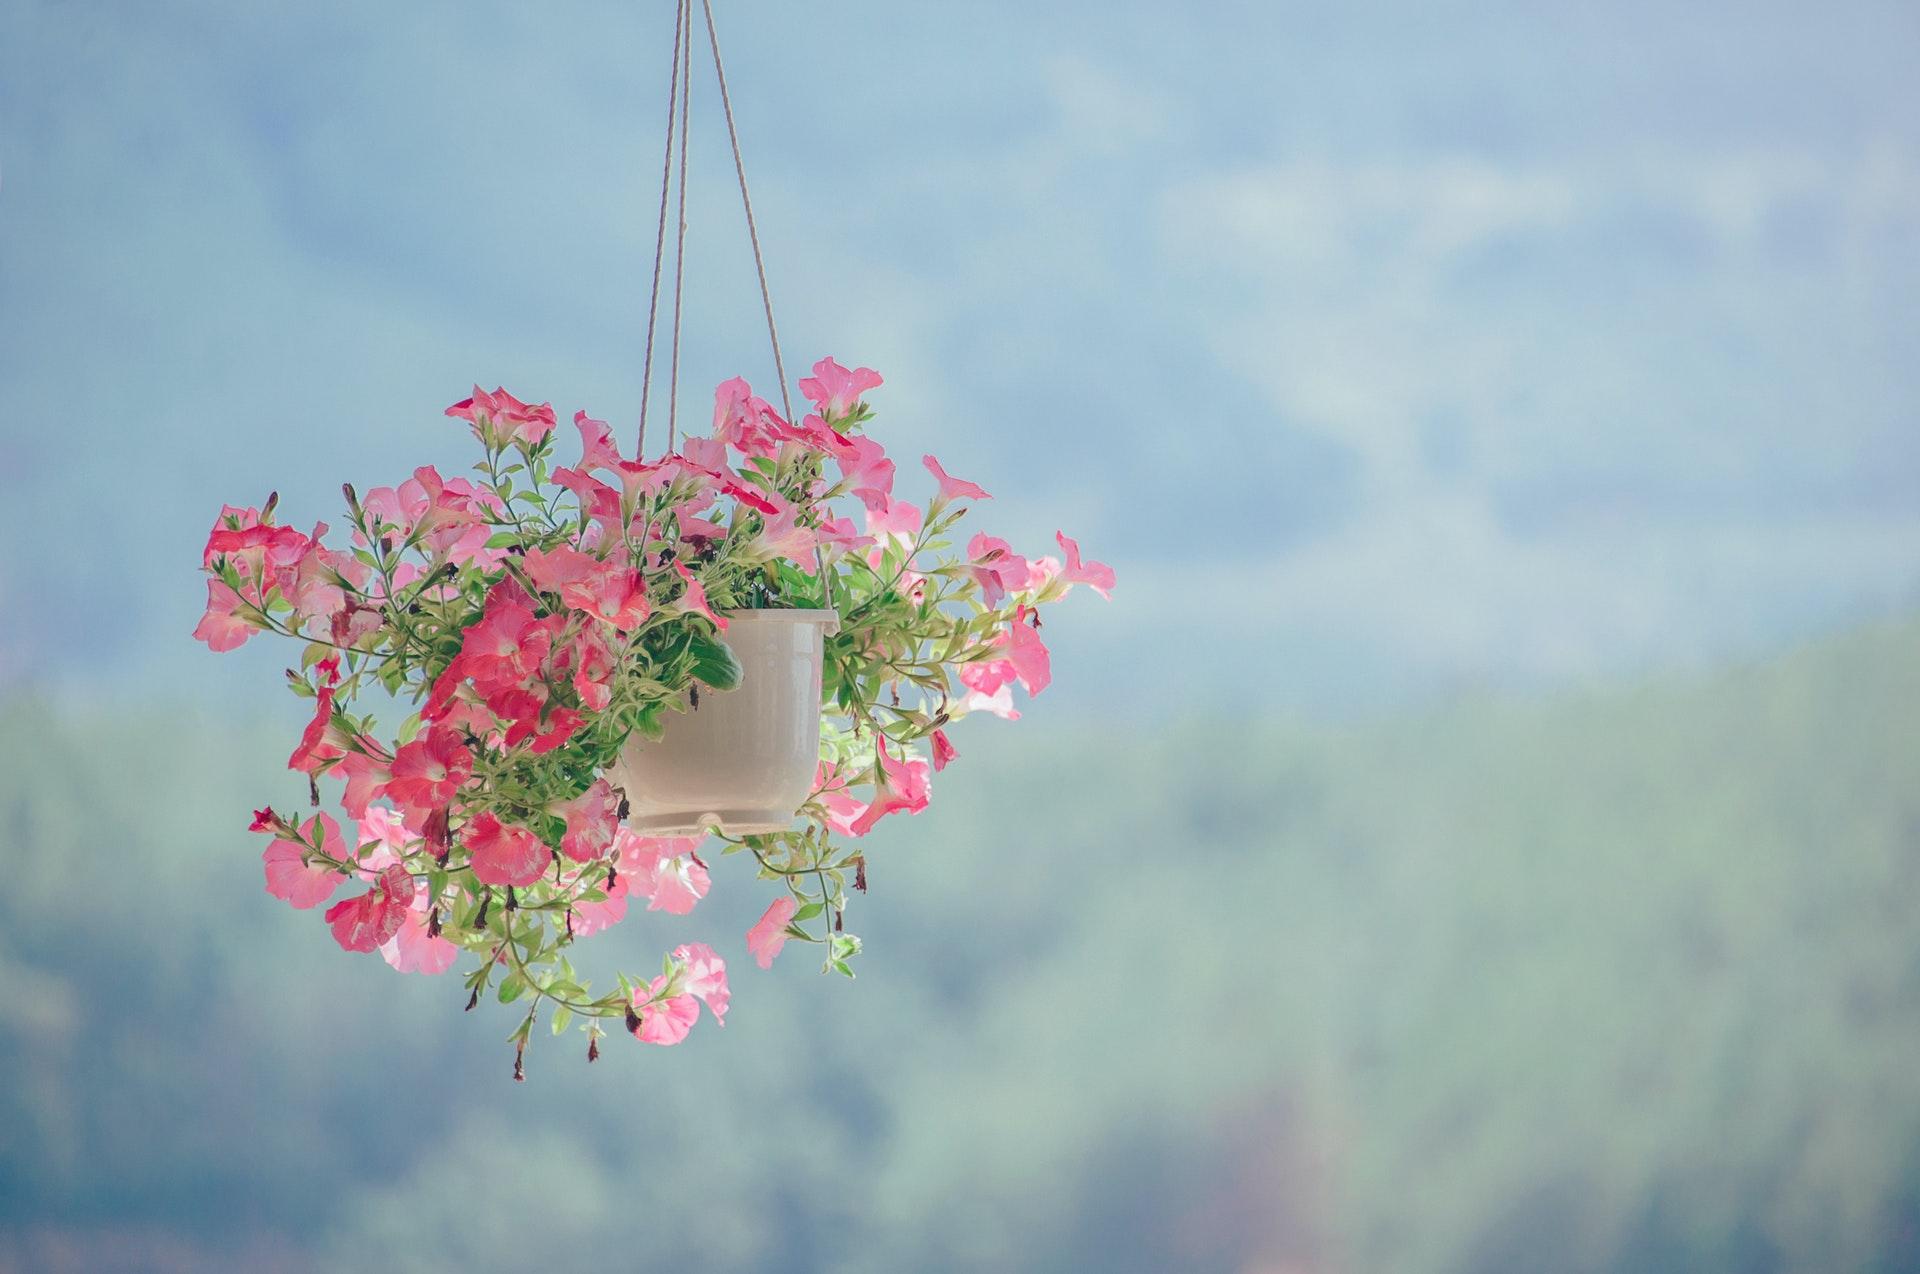 Ảnh mùa xuân đẹp, trong veo